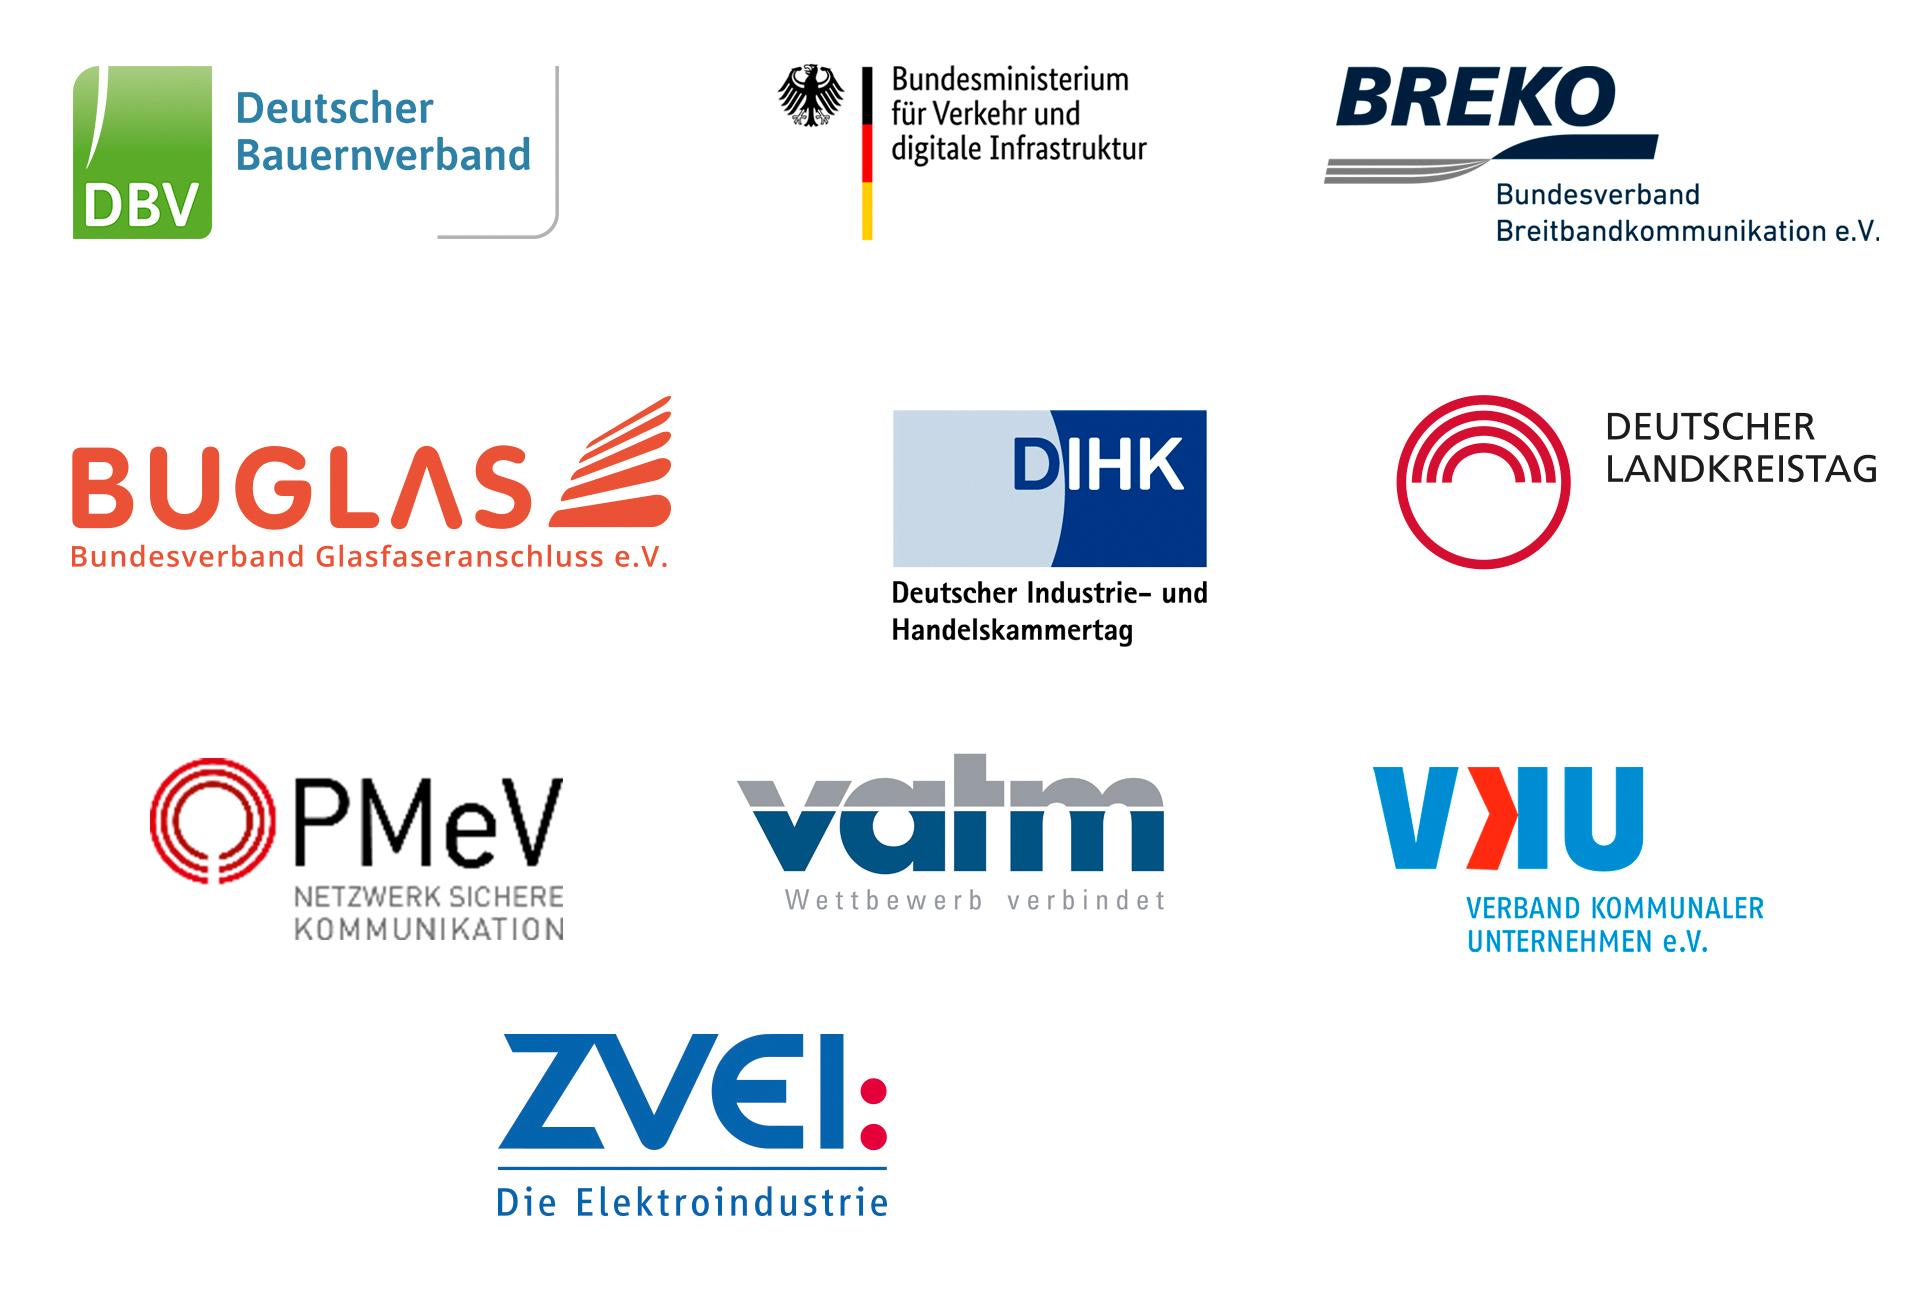 Logosammlung von BMVI, DBV, BUGLAS, DIHK, DLT, VKU und ZVEI